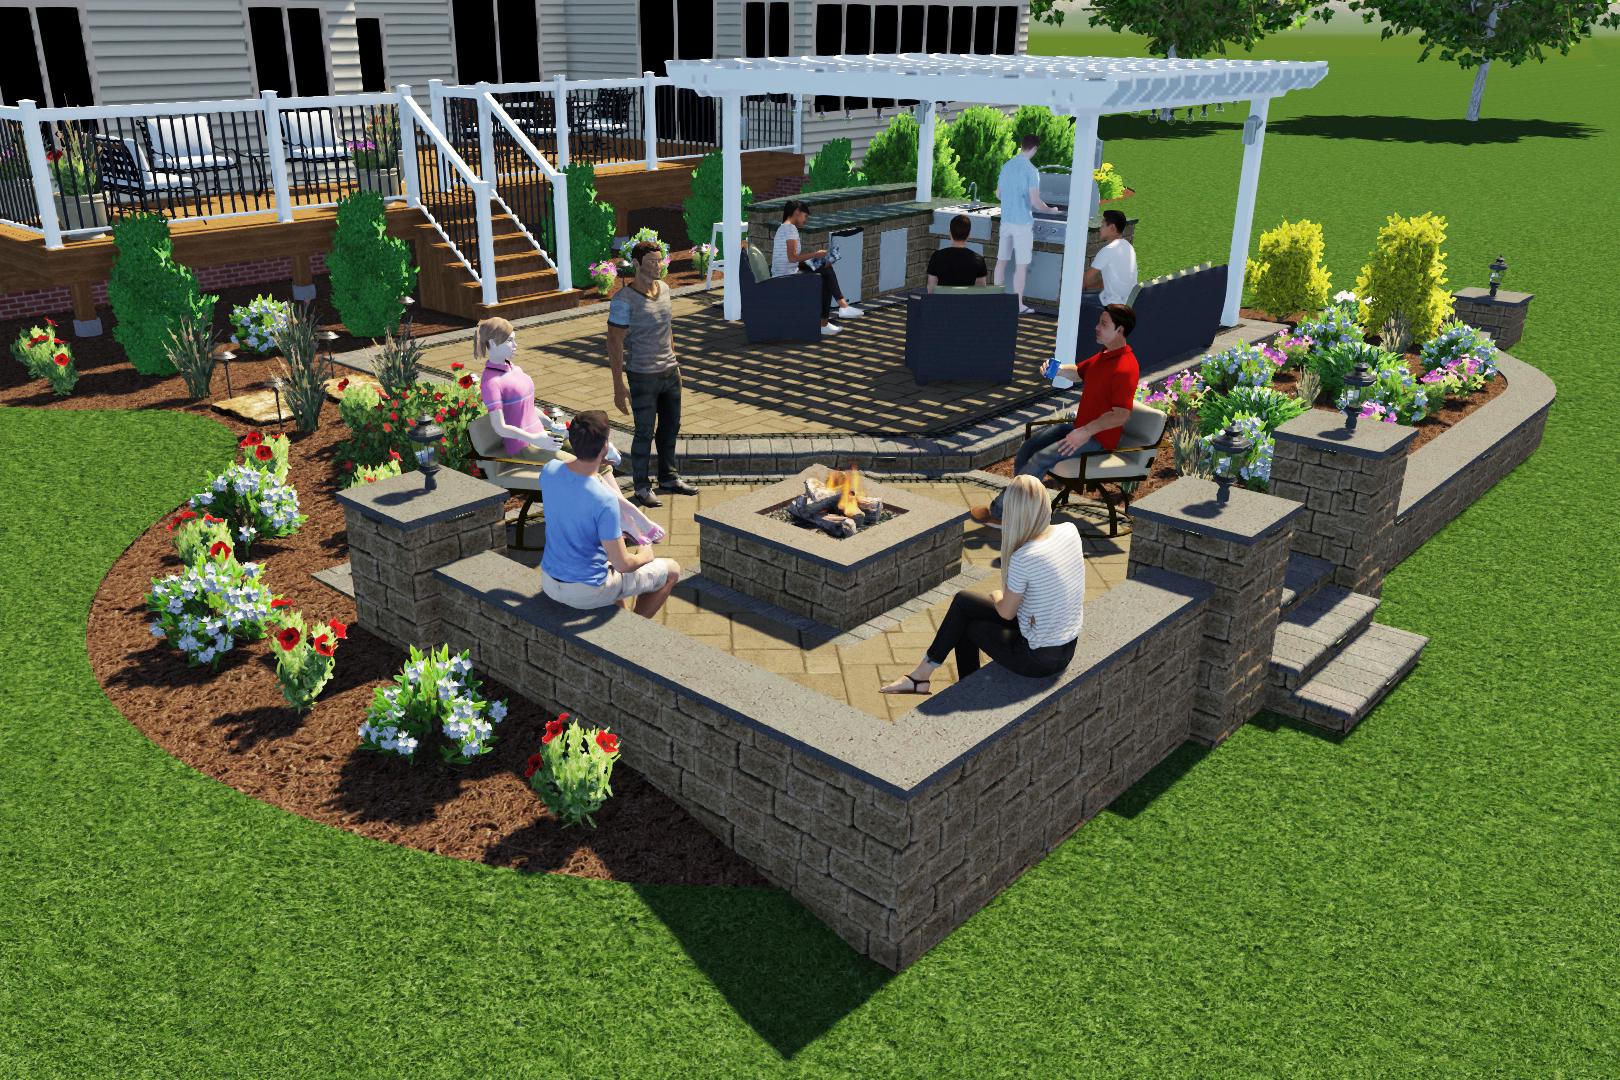 friends in backyard enjoying new hardscape design